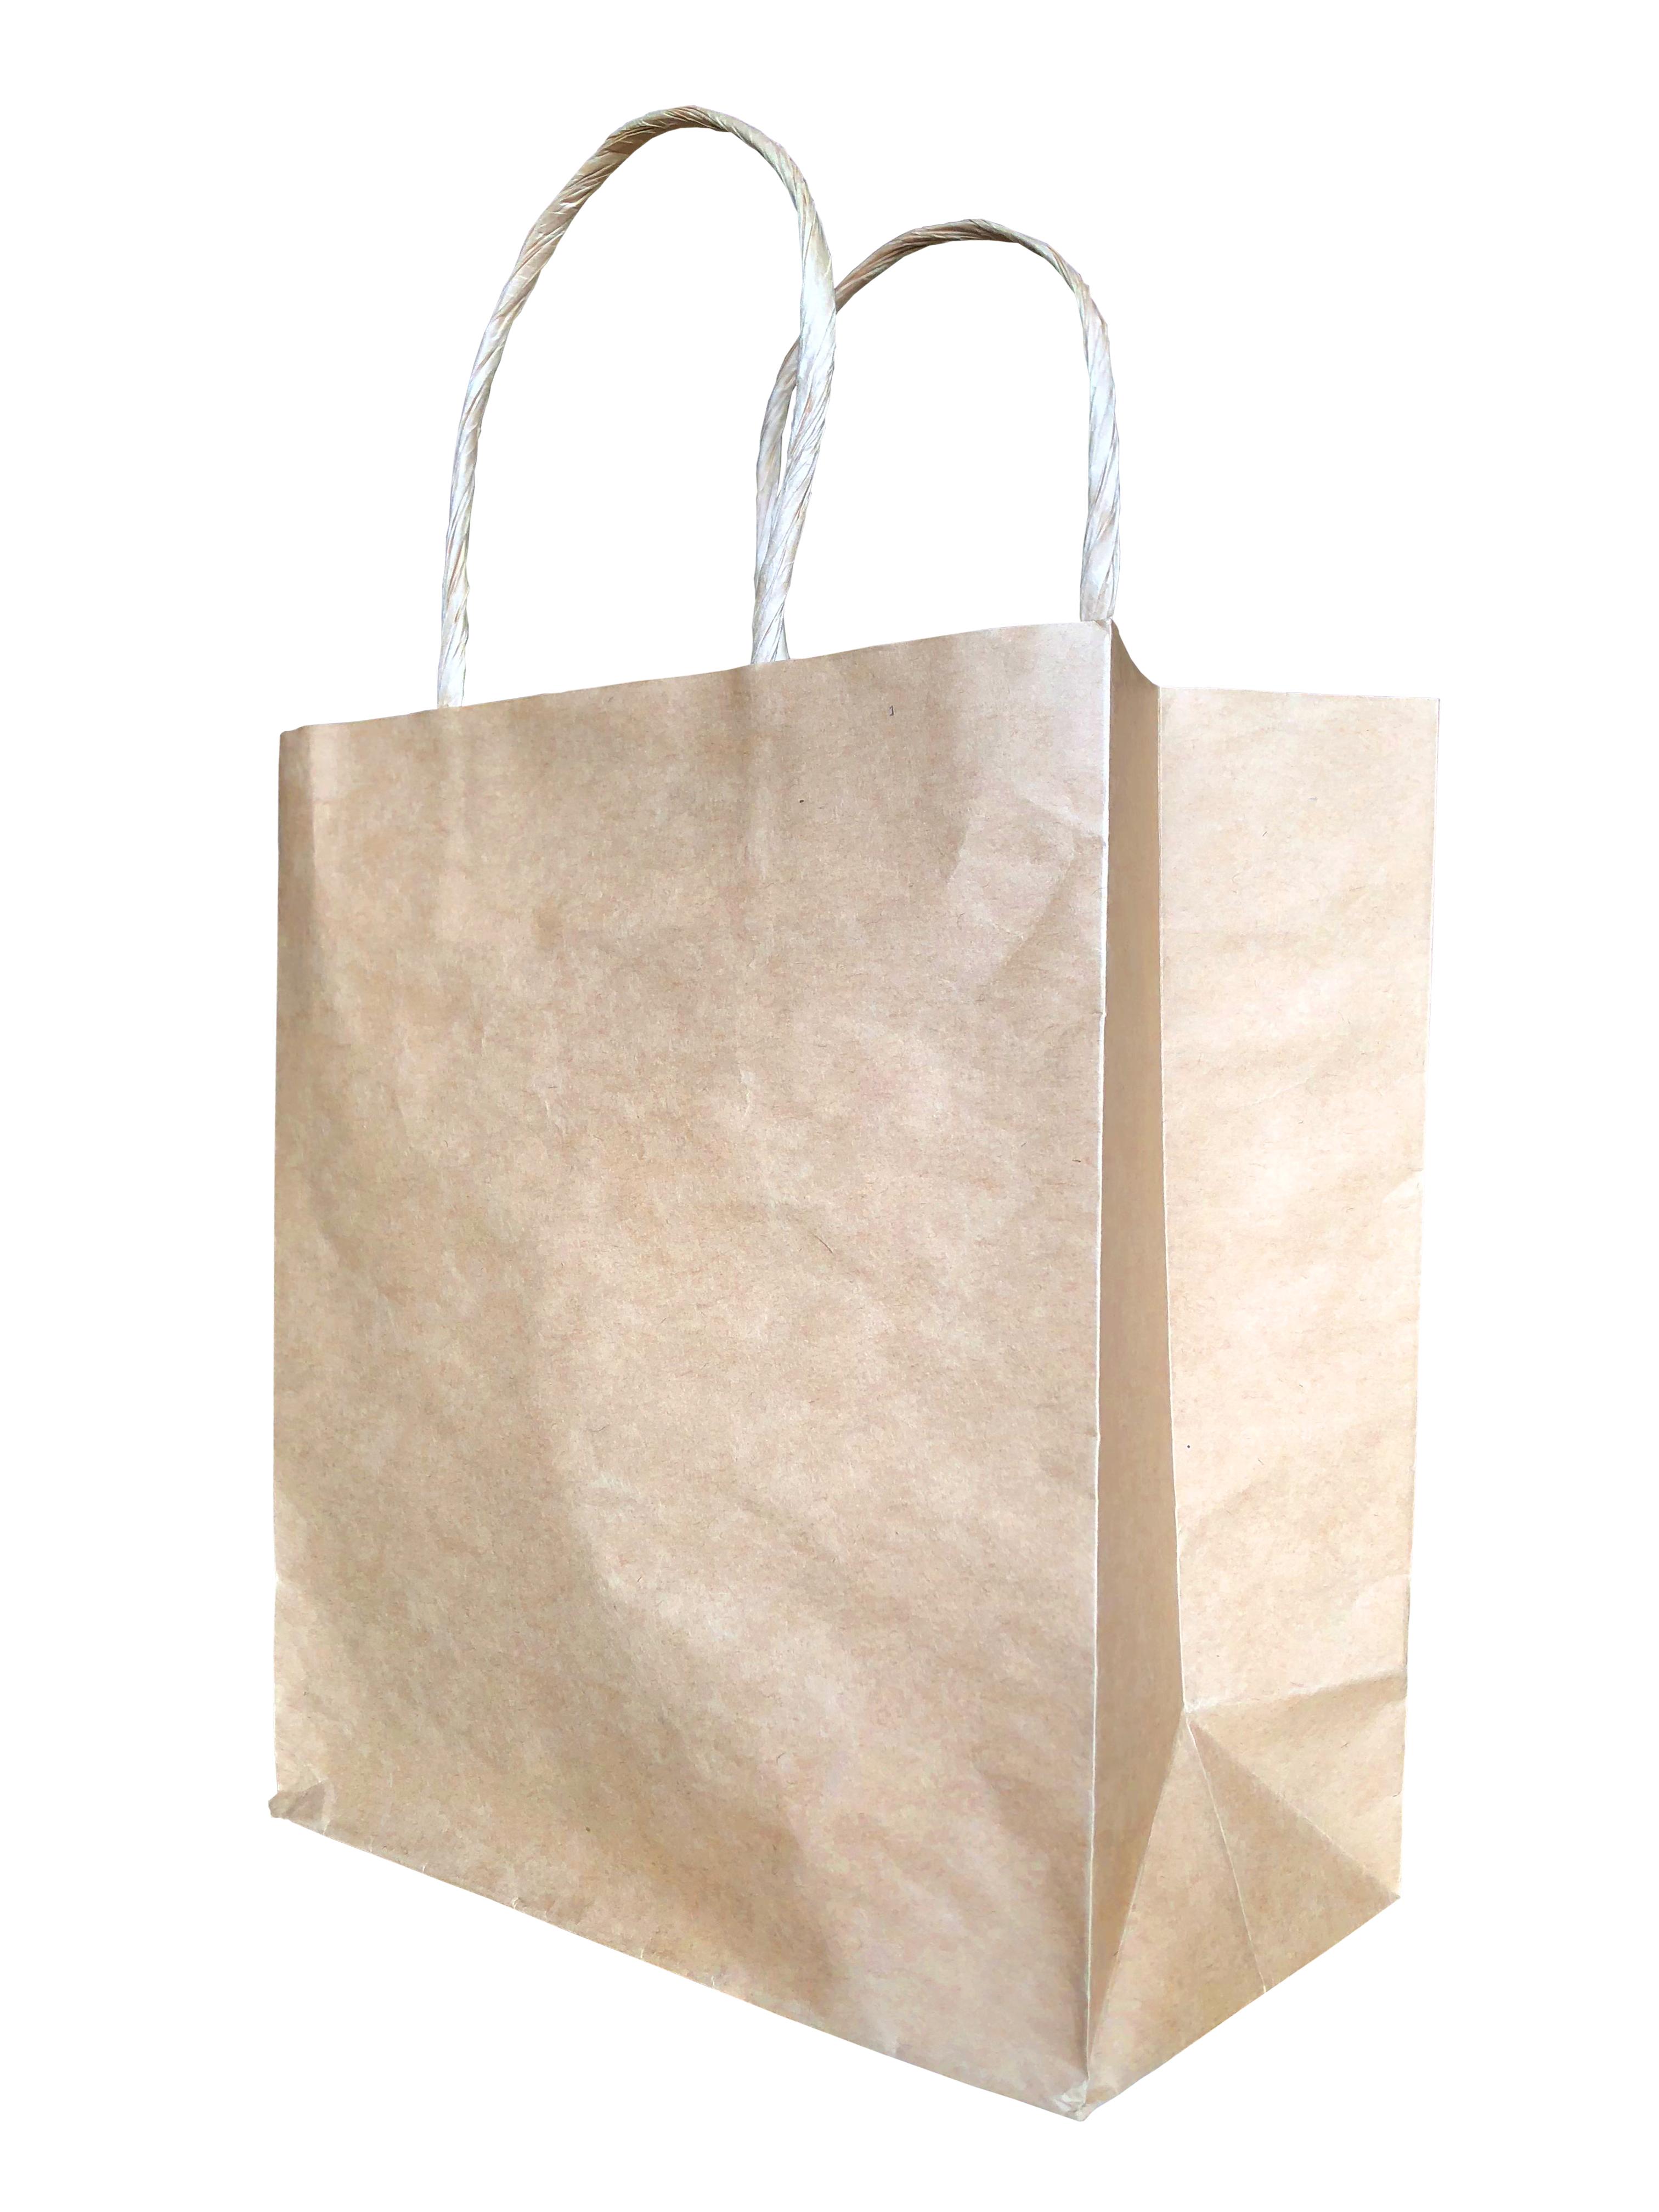 公版紙繩袋